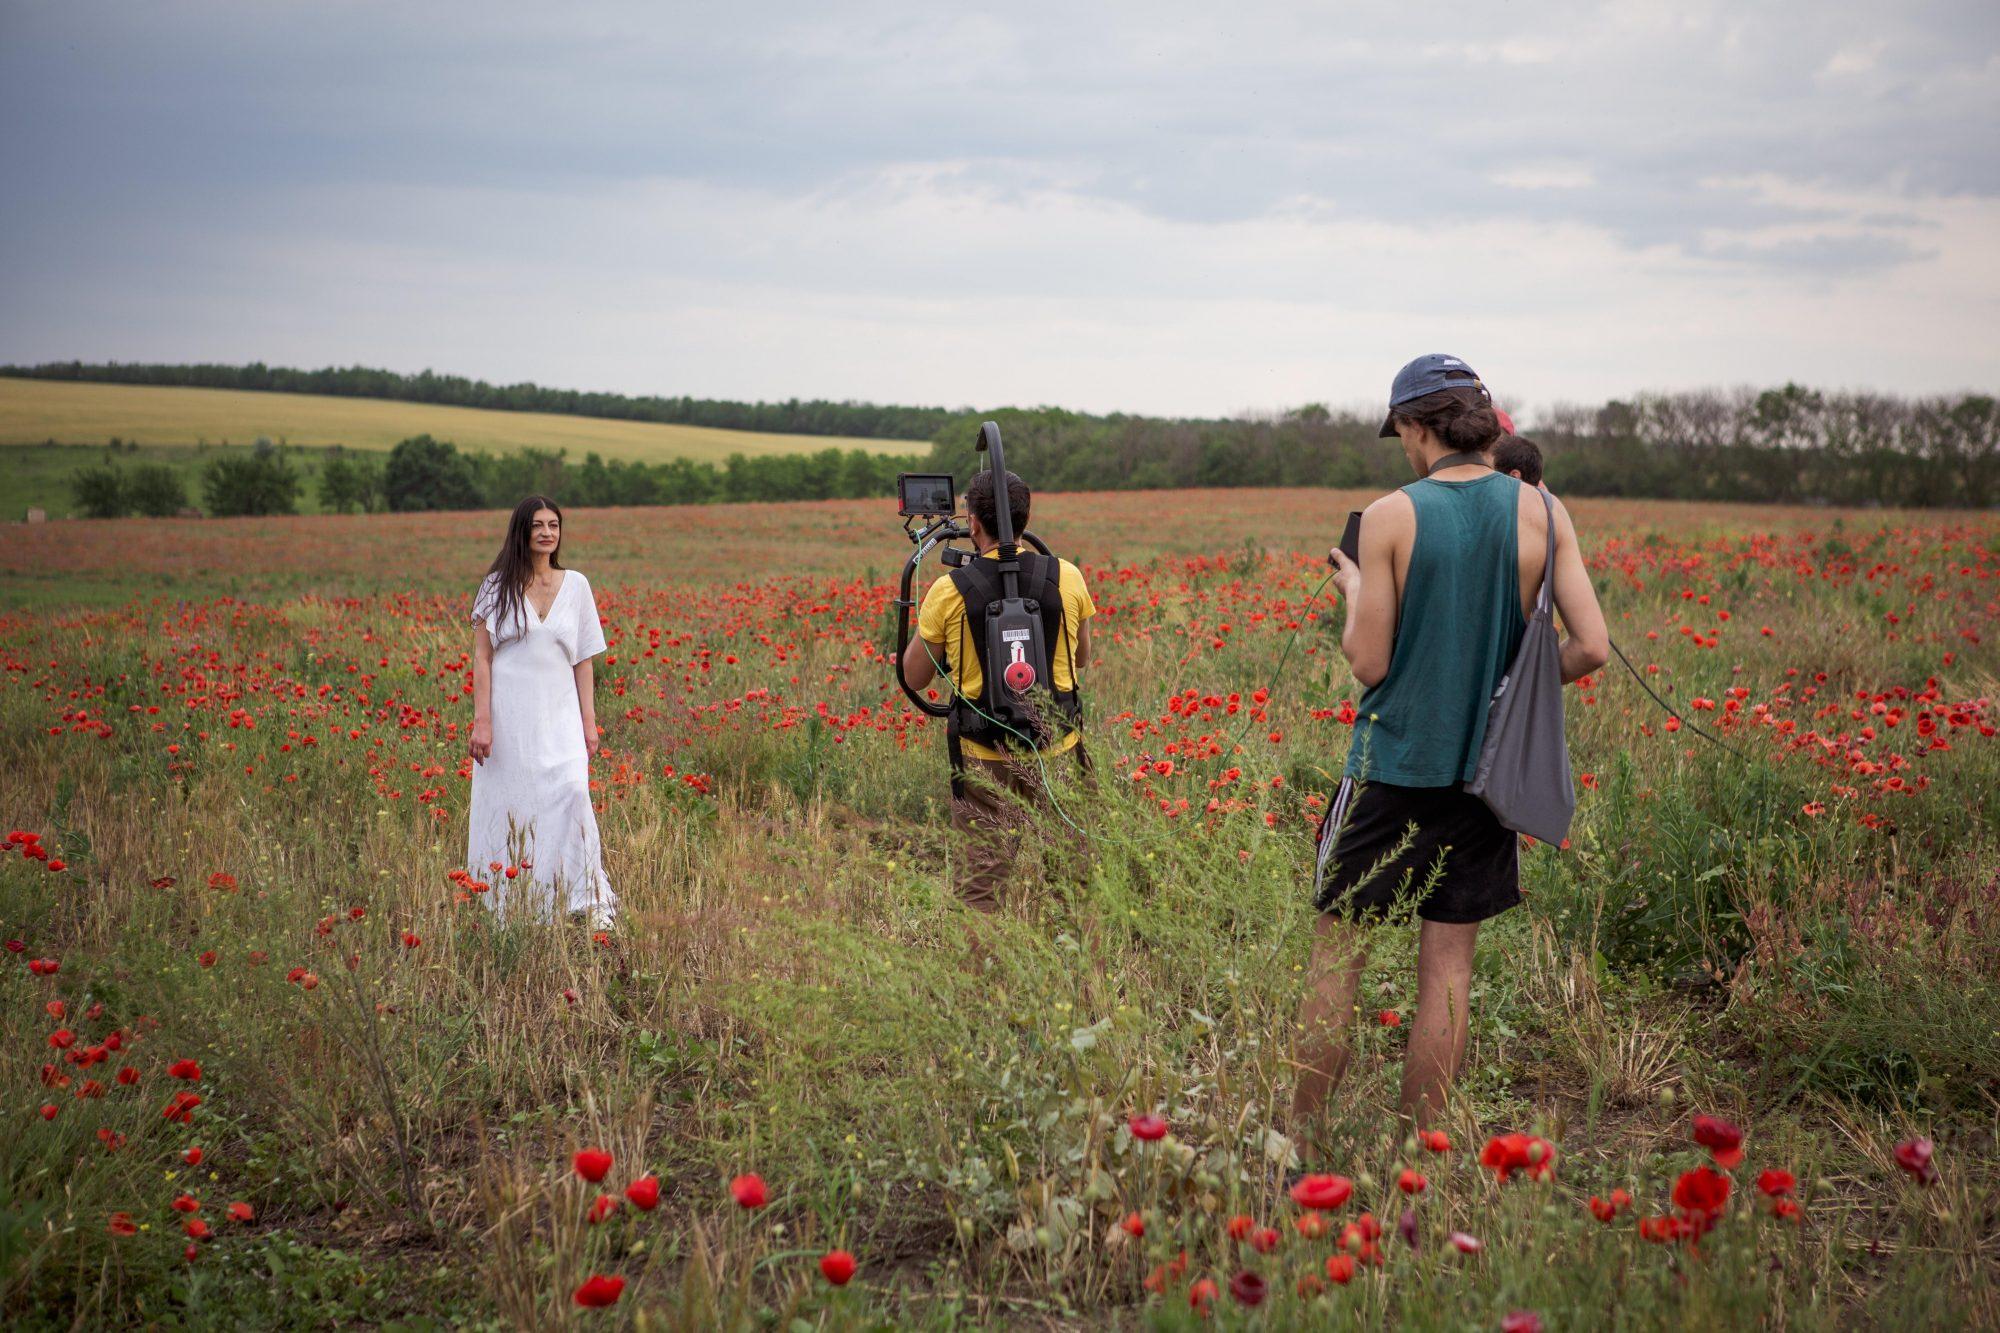 FOTO În Republica Moldova va apărea un film inspirat de pandemia de COVID-19